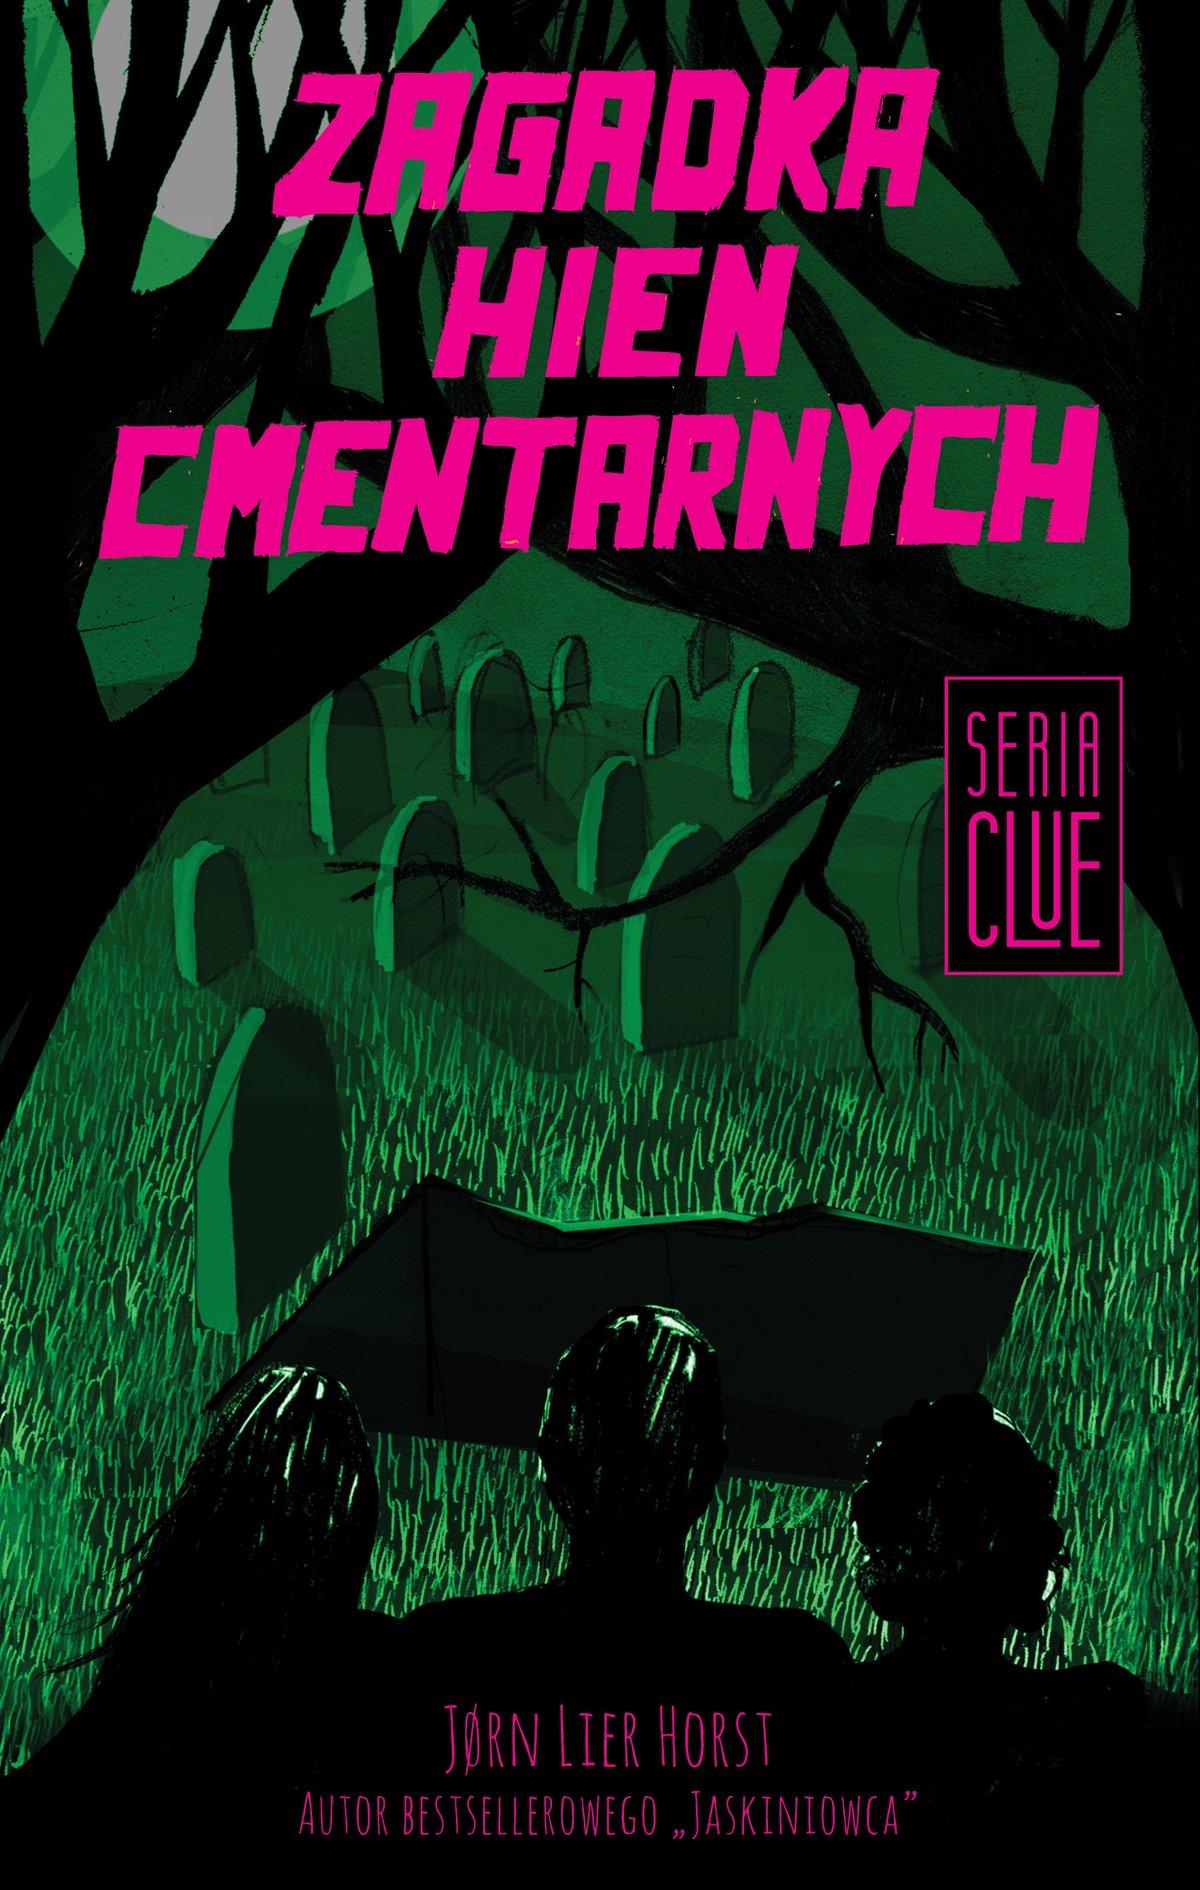 Zagadka hien cmentarnych - Ebook (Książka na Kindle) do pobrania w formacie MOBI